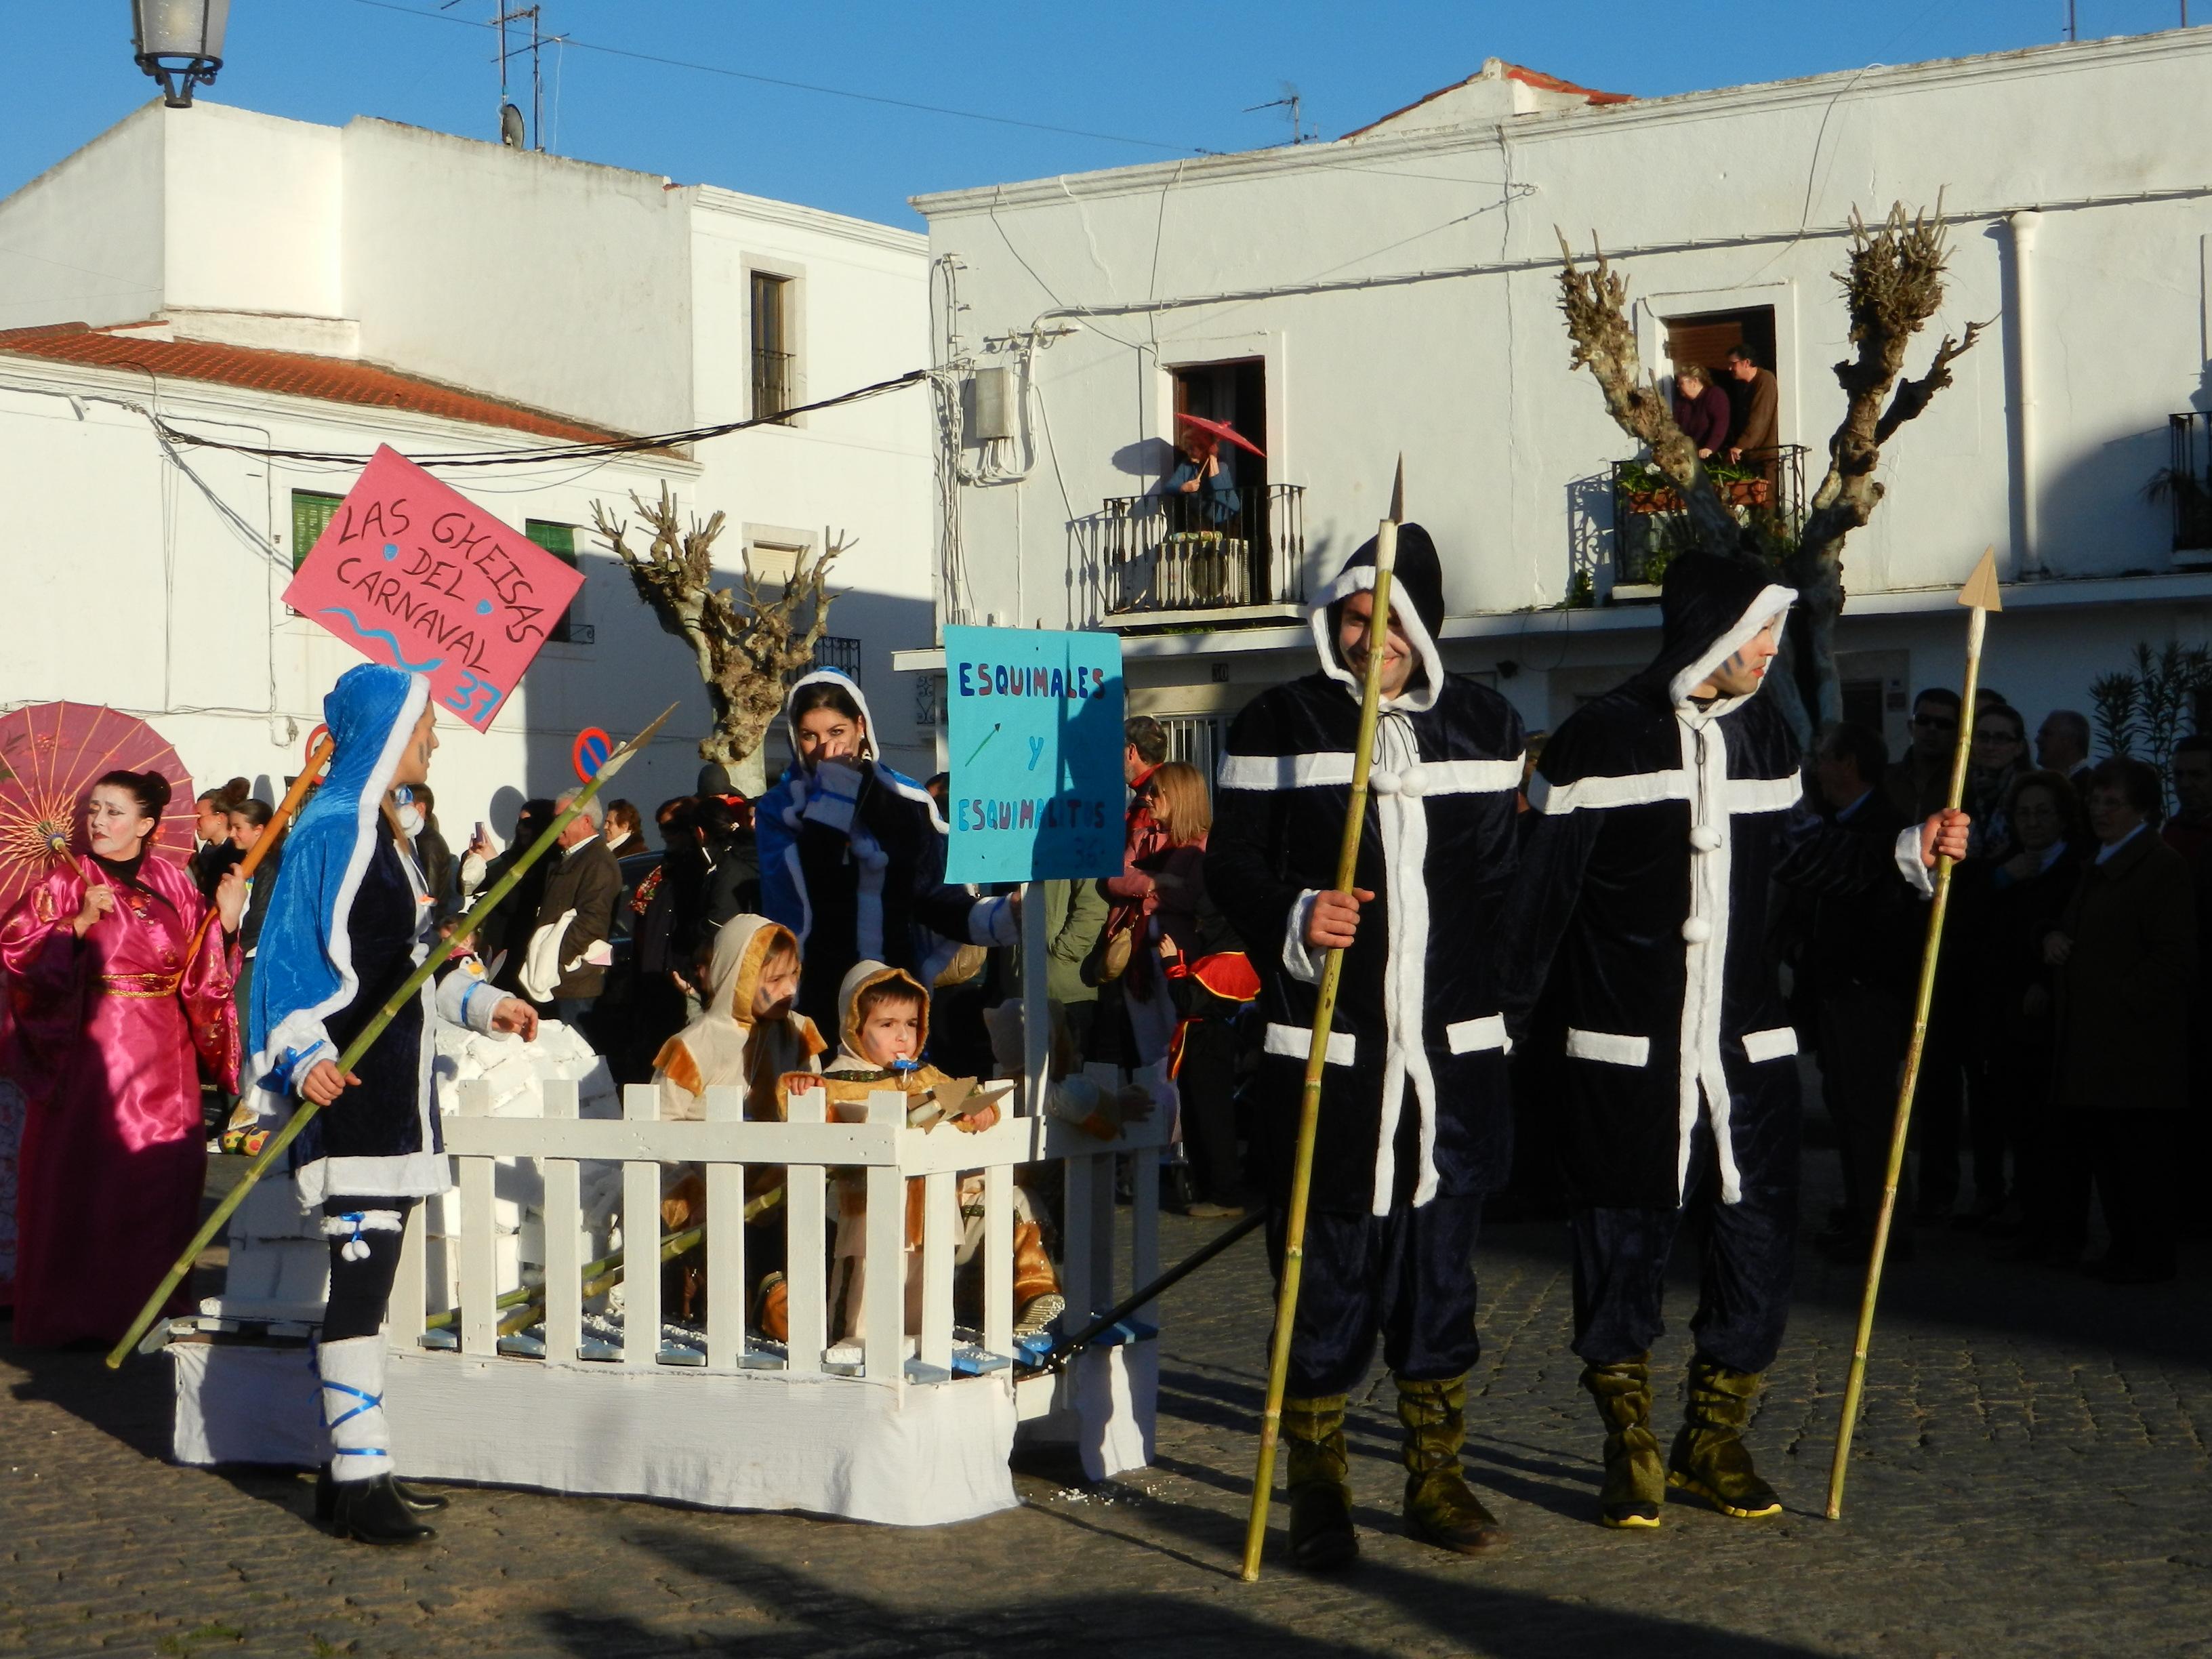 Los esquimales salen en carnaval